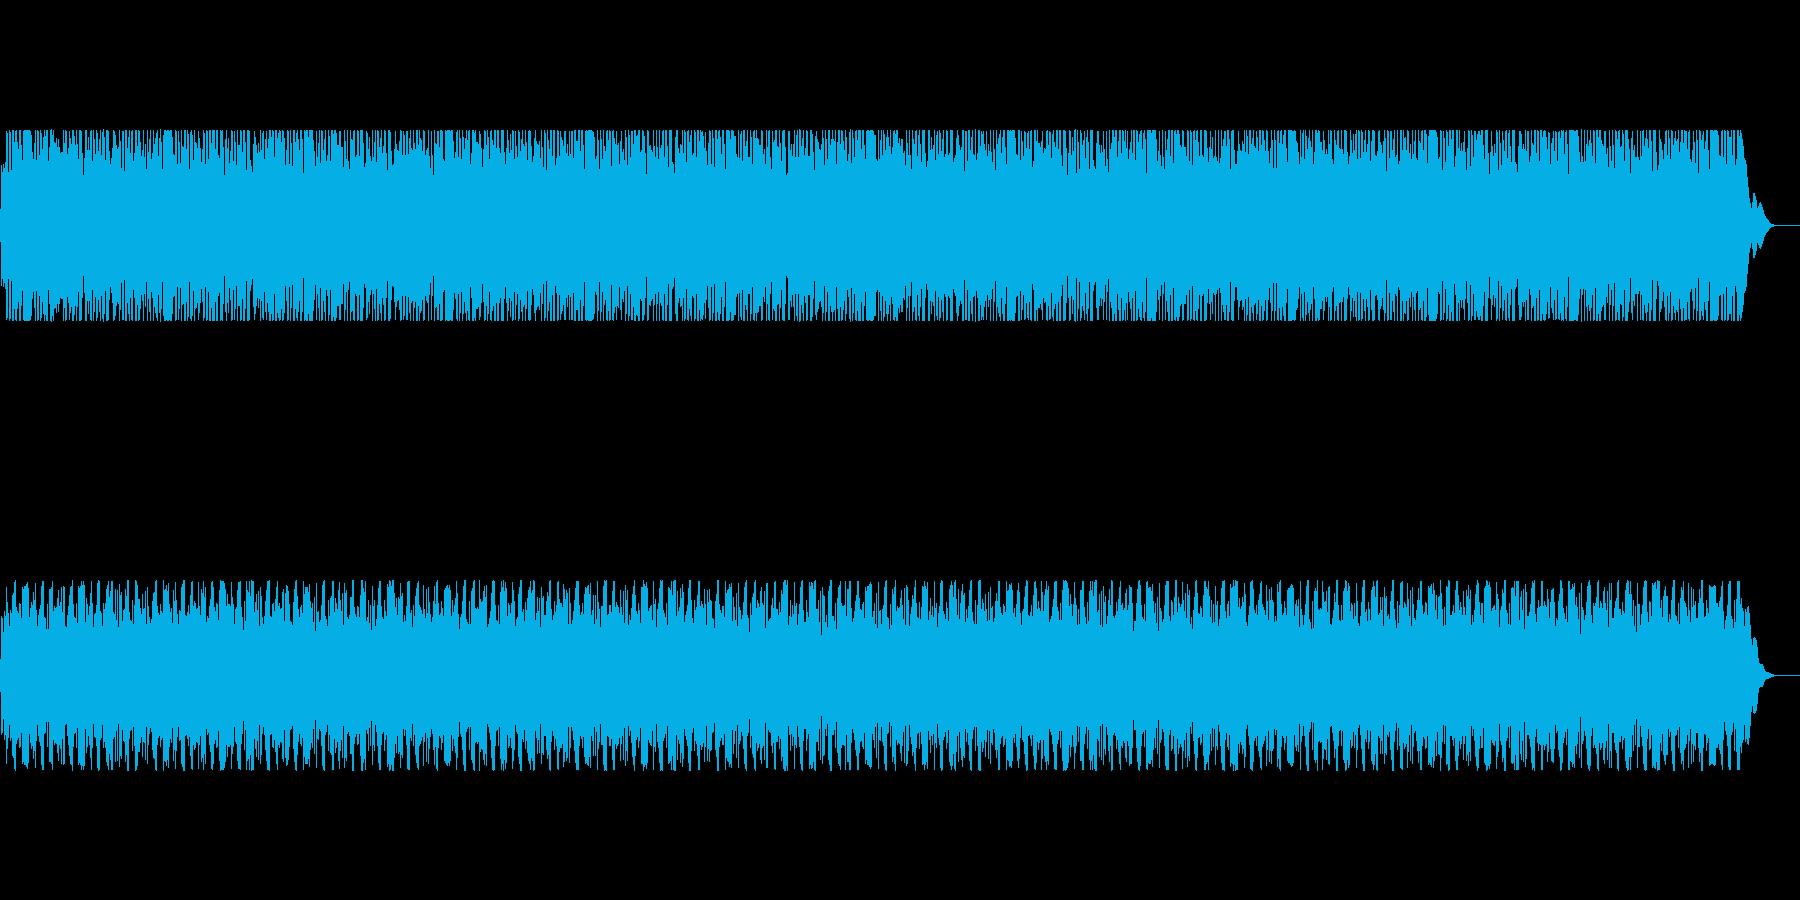 【サイレン01-2】の再生済みの波形